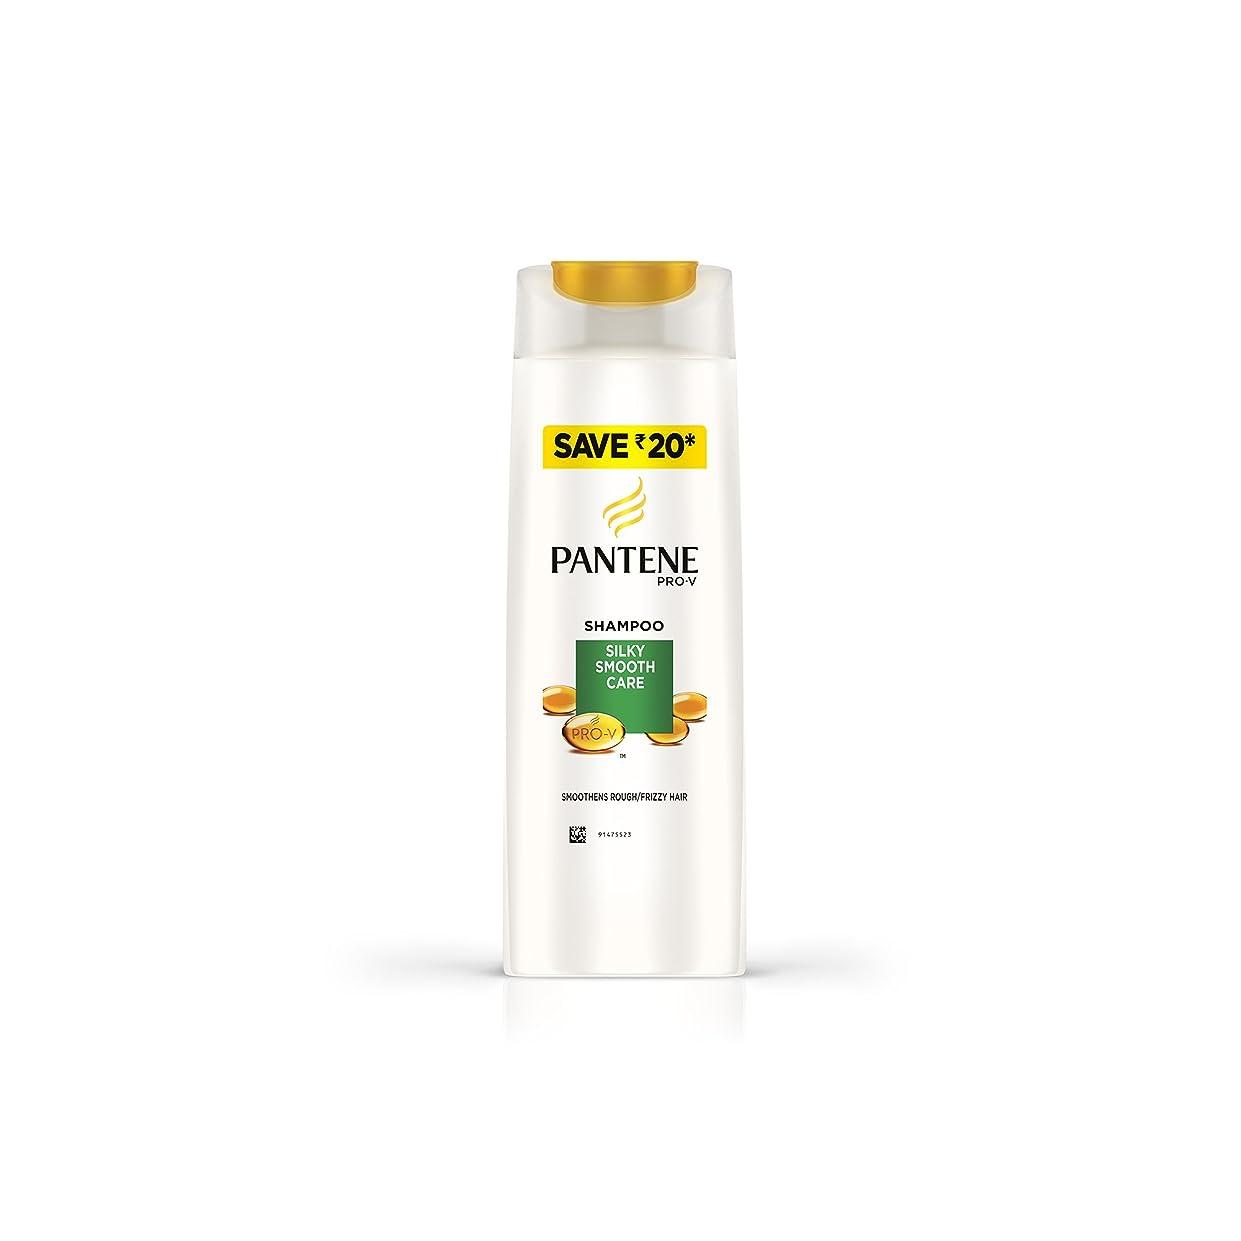 満州芝生名目上のPANTENE SILKY SMOOTH CARE SHAMPOO 180 ml (PANTENE SILKYスムースケアシャンプー180 ml)